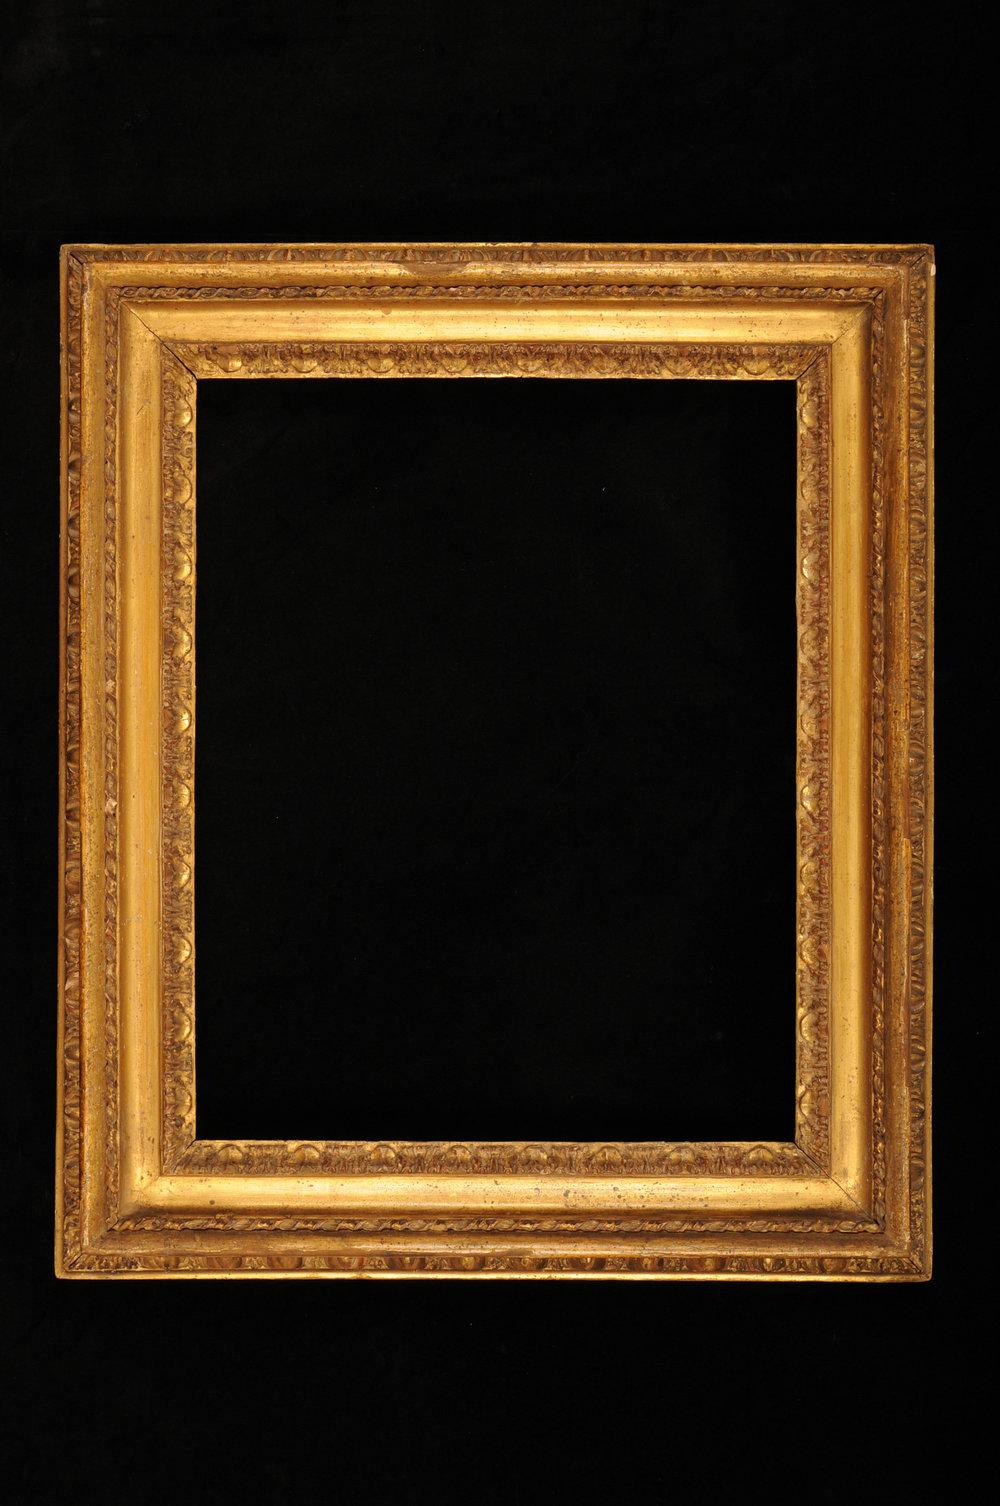 11656.jpg